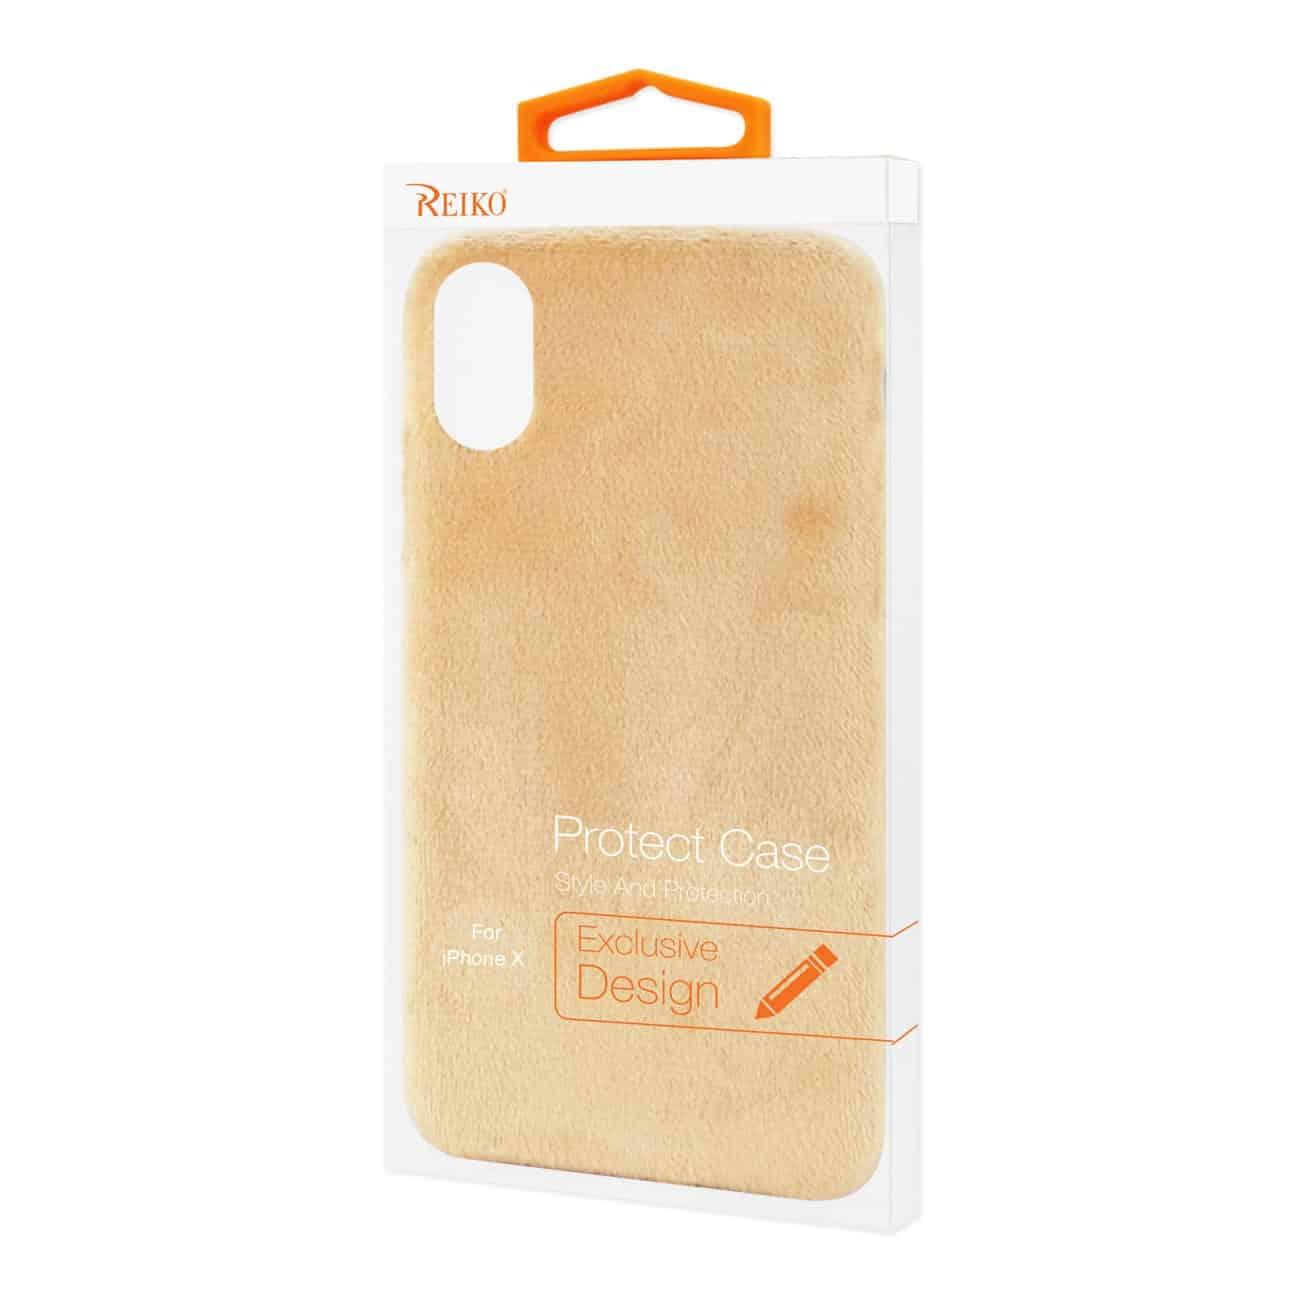 iPhone X Fuzzy Fur Soft TPU Case In Camel